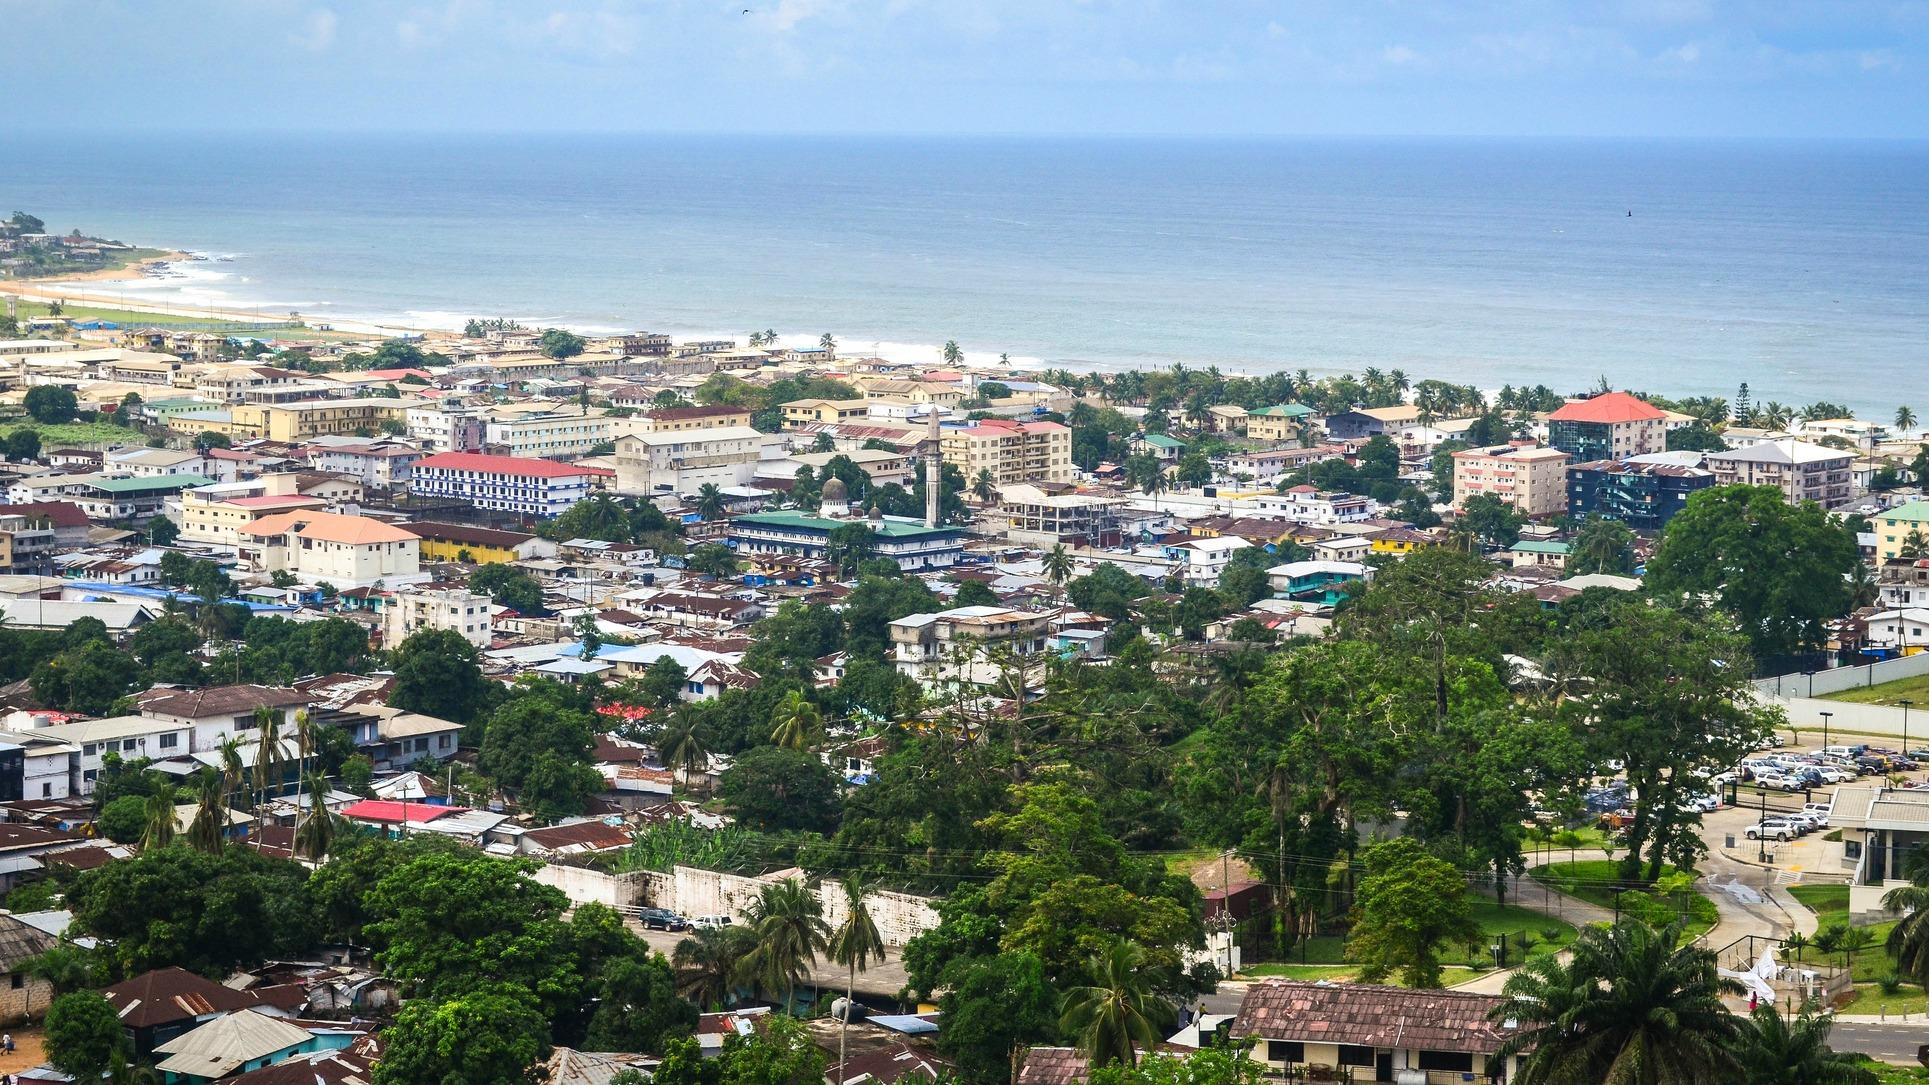 WELCOME TO LIBERIA